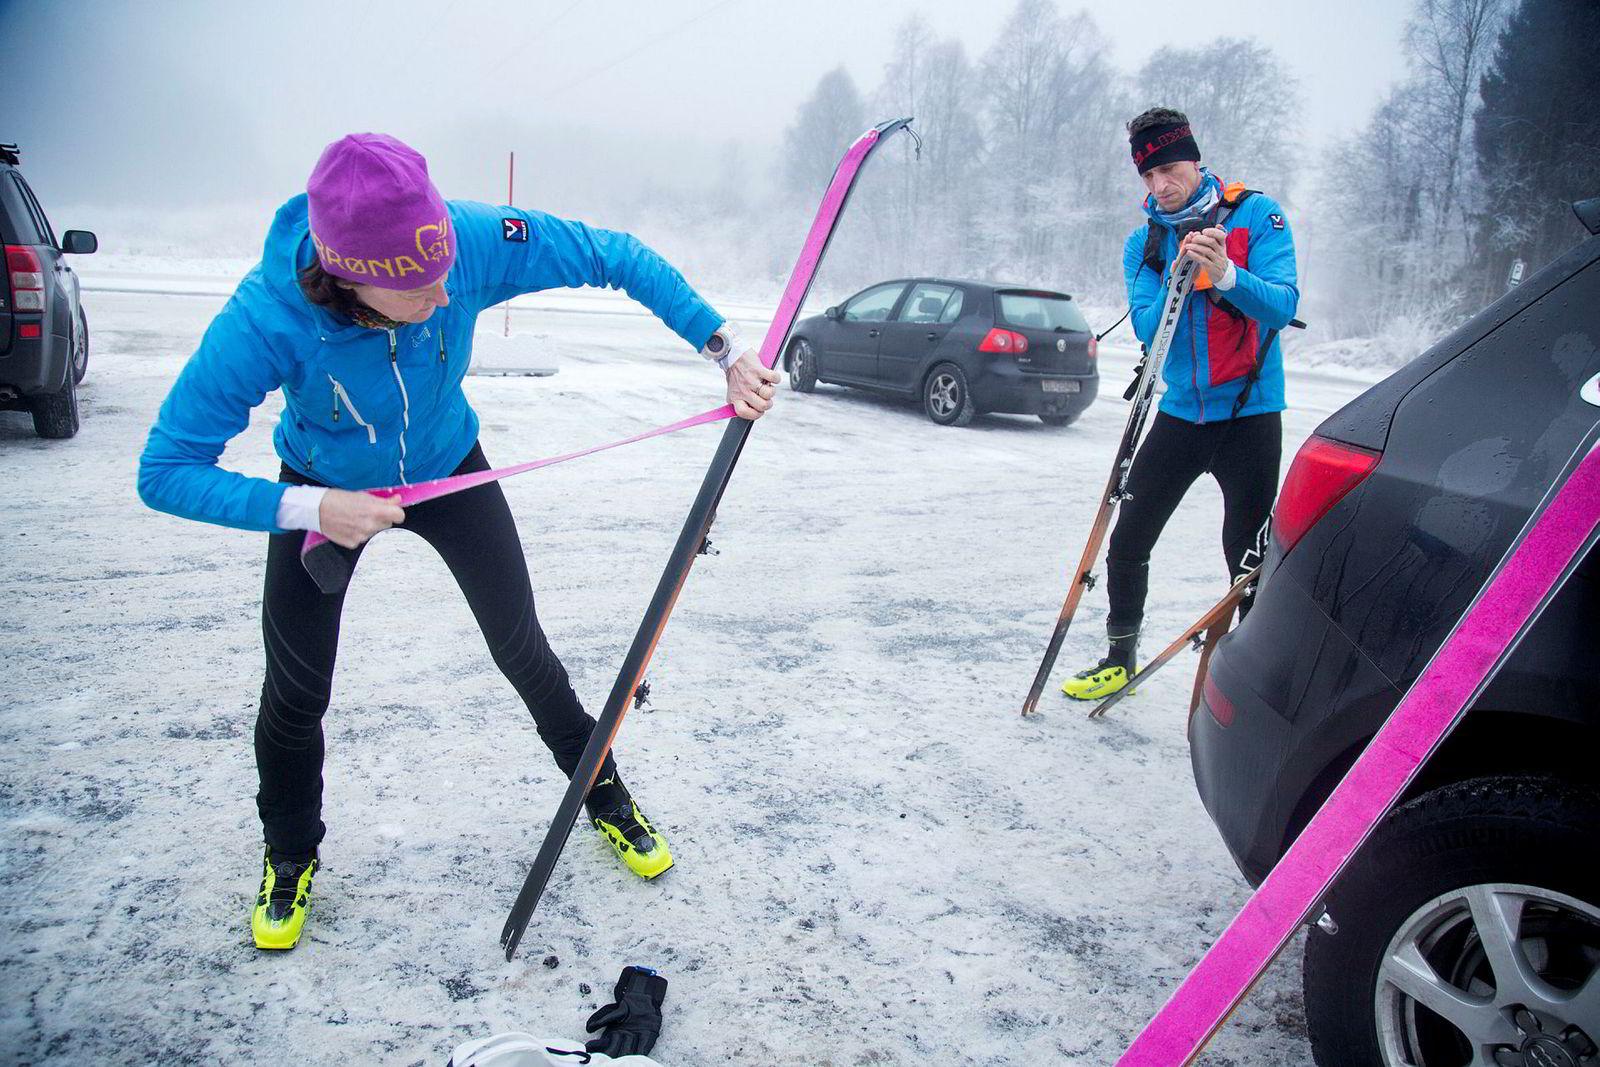 Kristin og Kjetil Landmark fester feller på sine lette randoneski før treningsøkten starter.